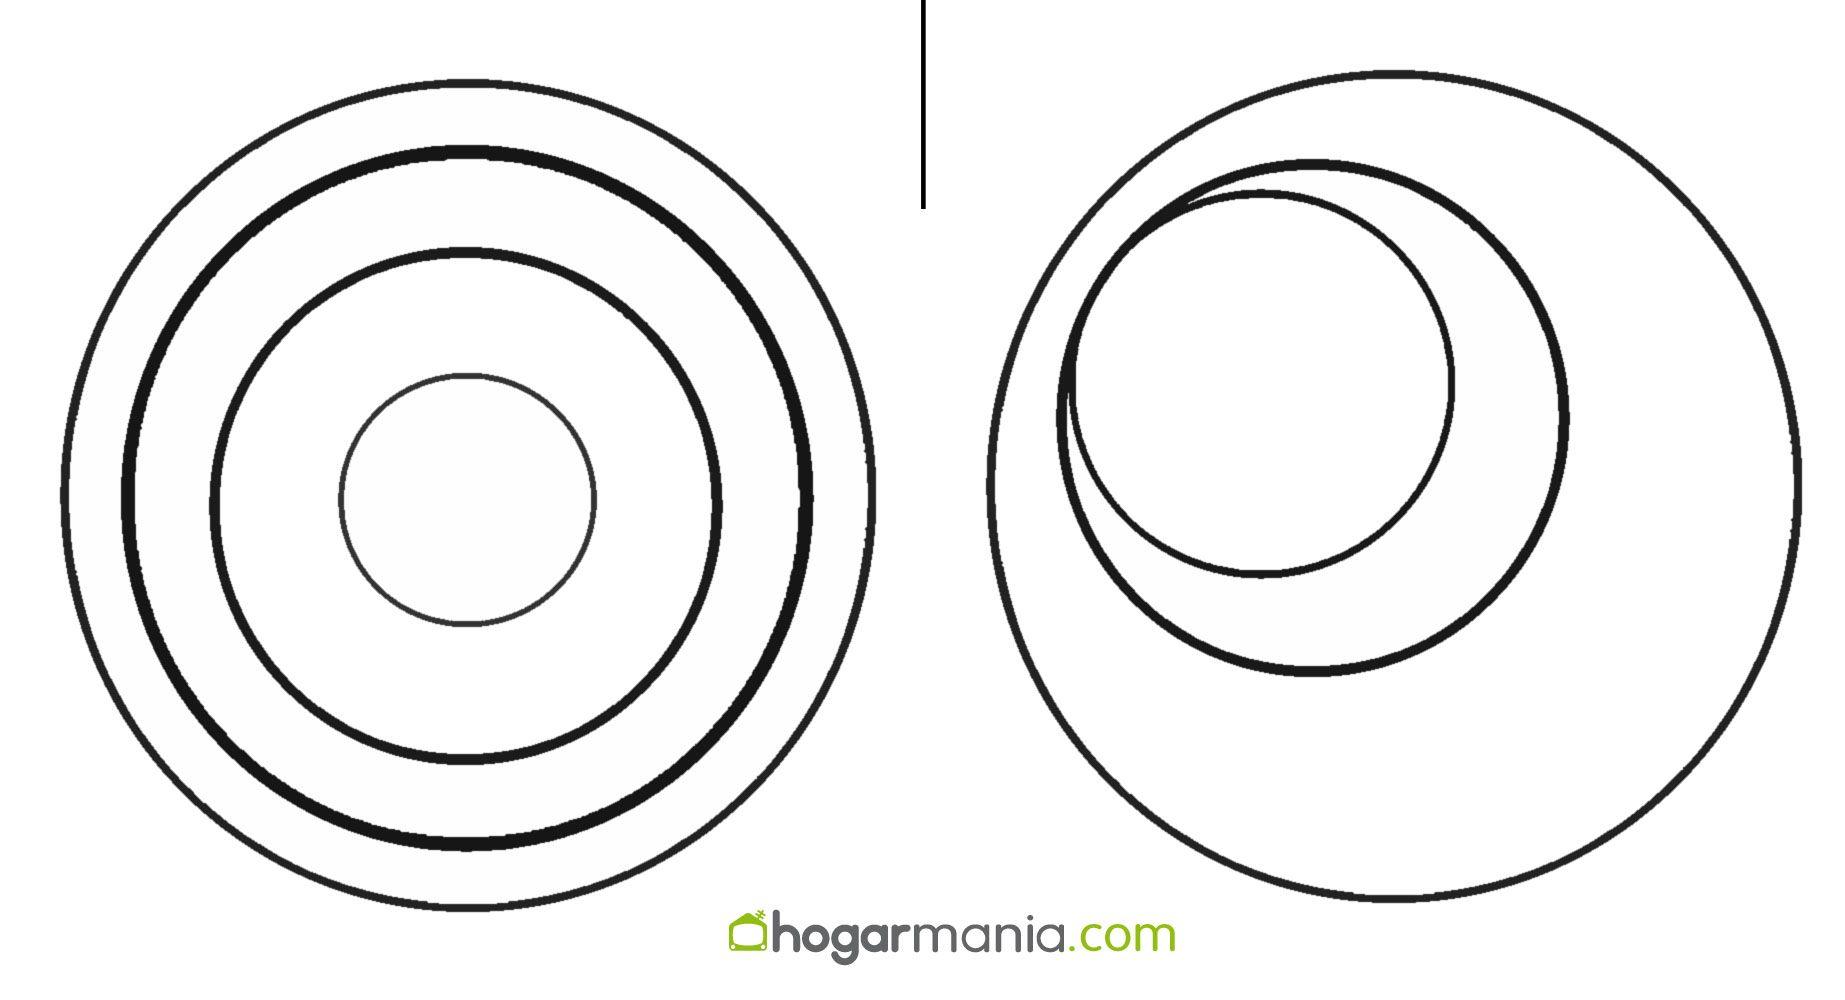 Cómo dibujar la base del mandala